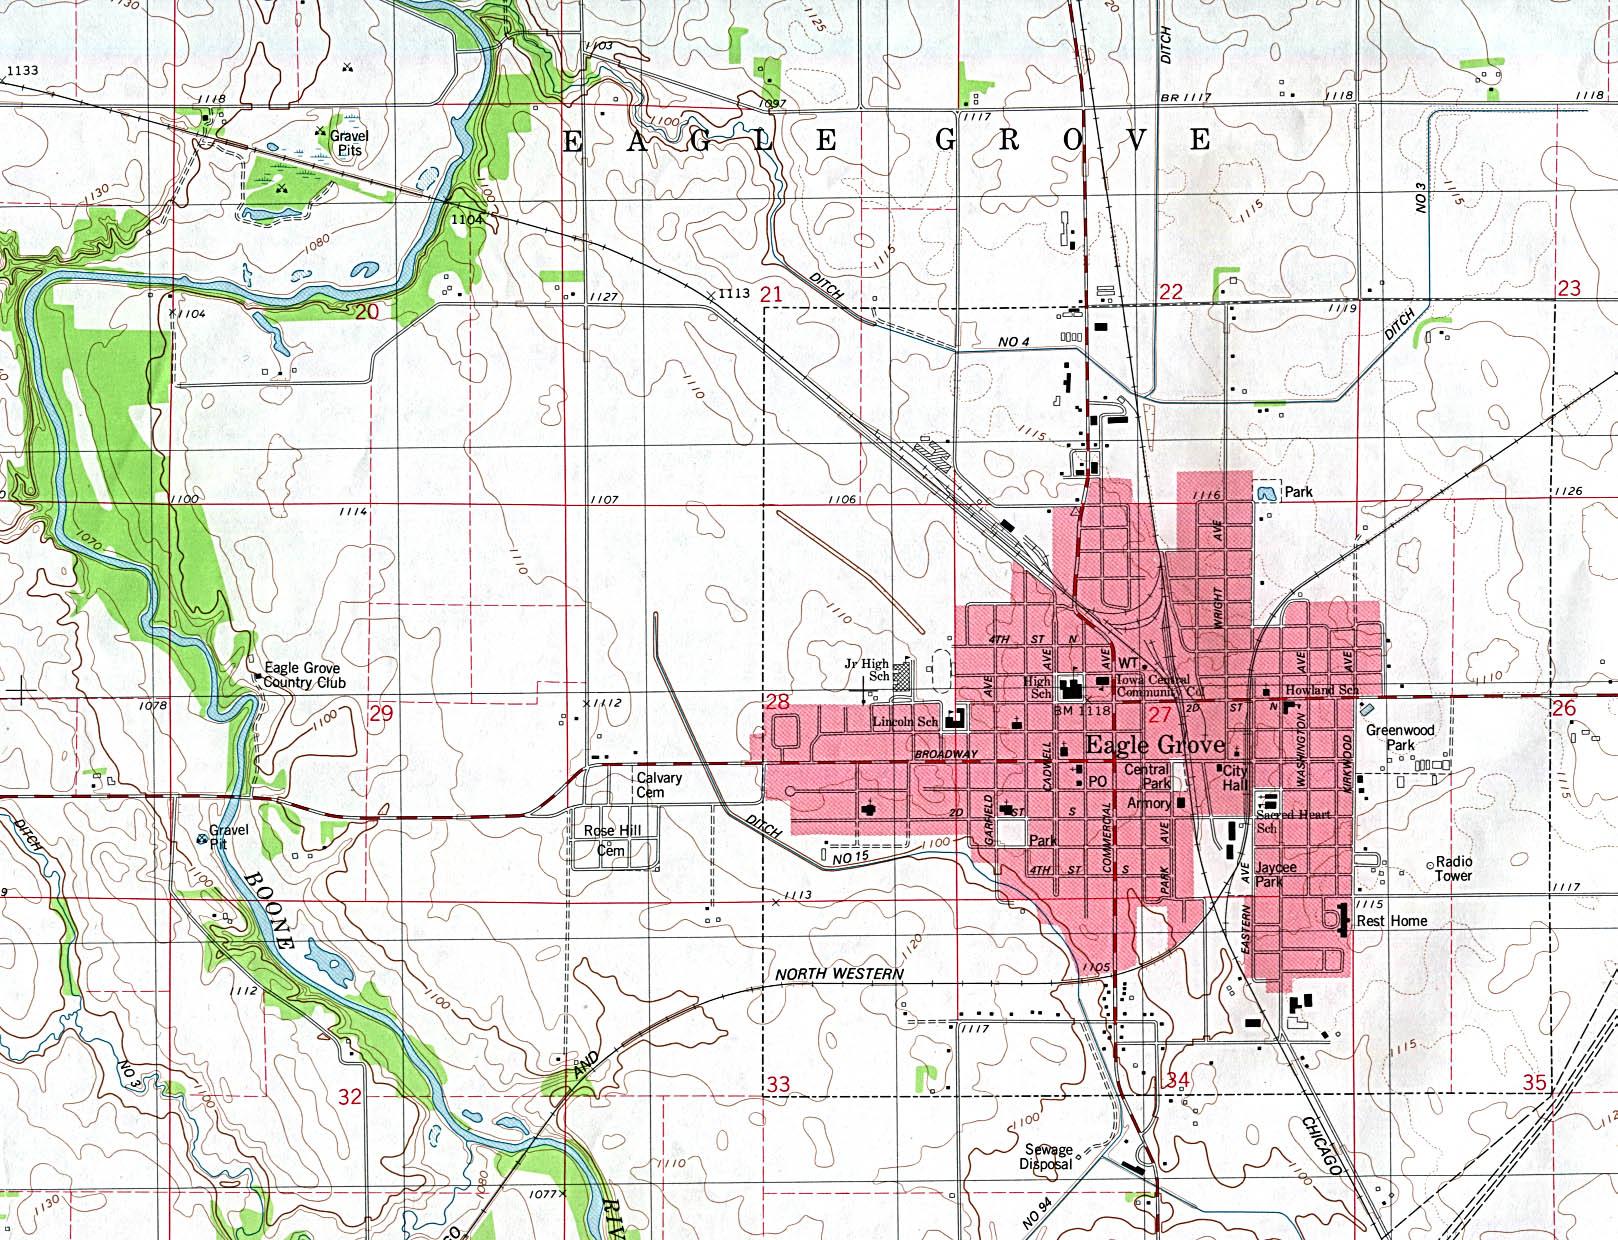 Mapa Topográfico de la Ciudad de Eagle Grove, Iowa, Estados Unidos